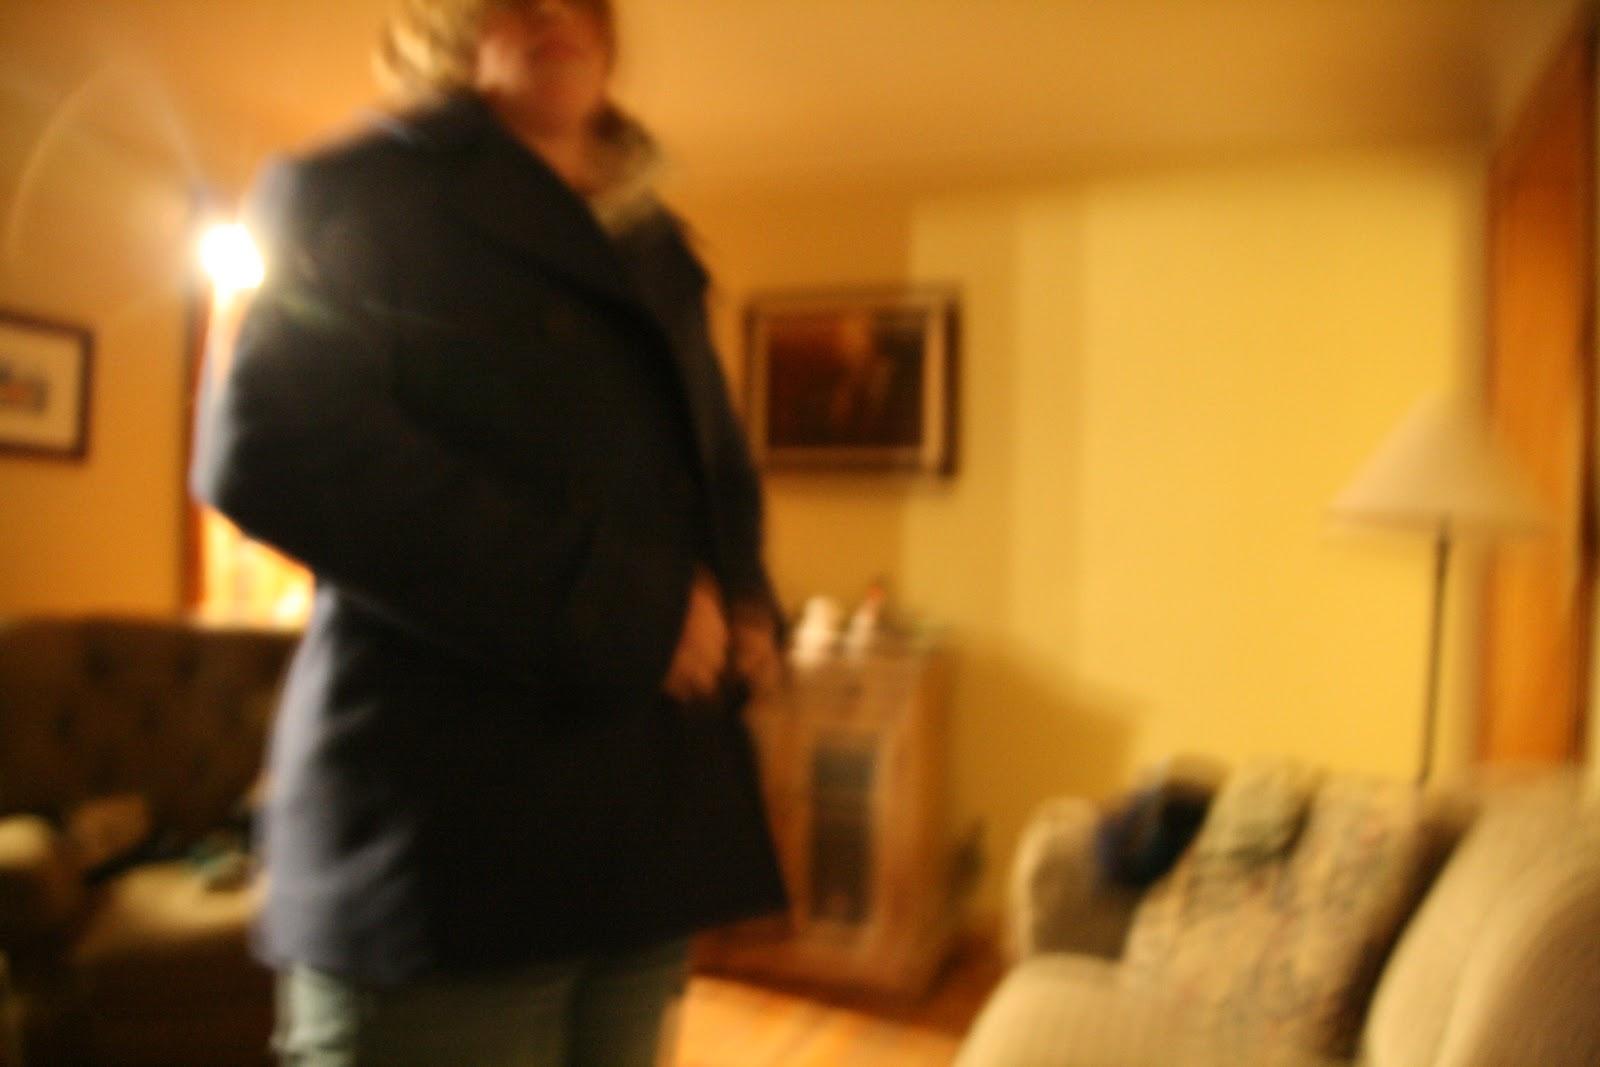 http://2.bp.blogspot.com/_DDlf7rZodXE/TTDF8EBfLZI/AAAAAAAAAFw/G_QpdCnAM8k/s1600/IMG_2464.JPG